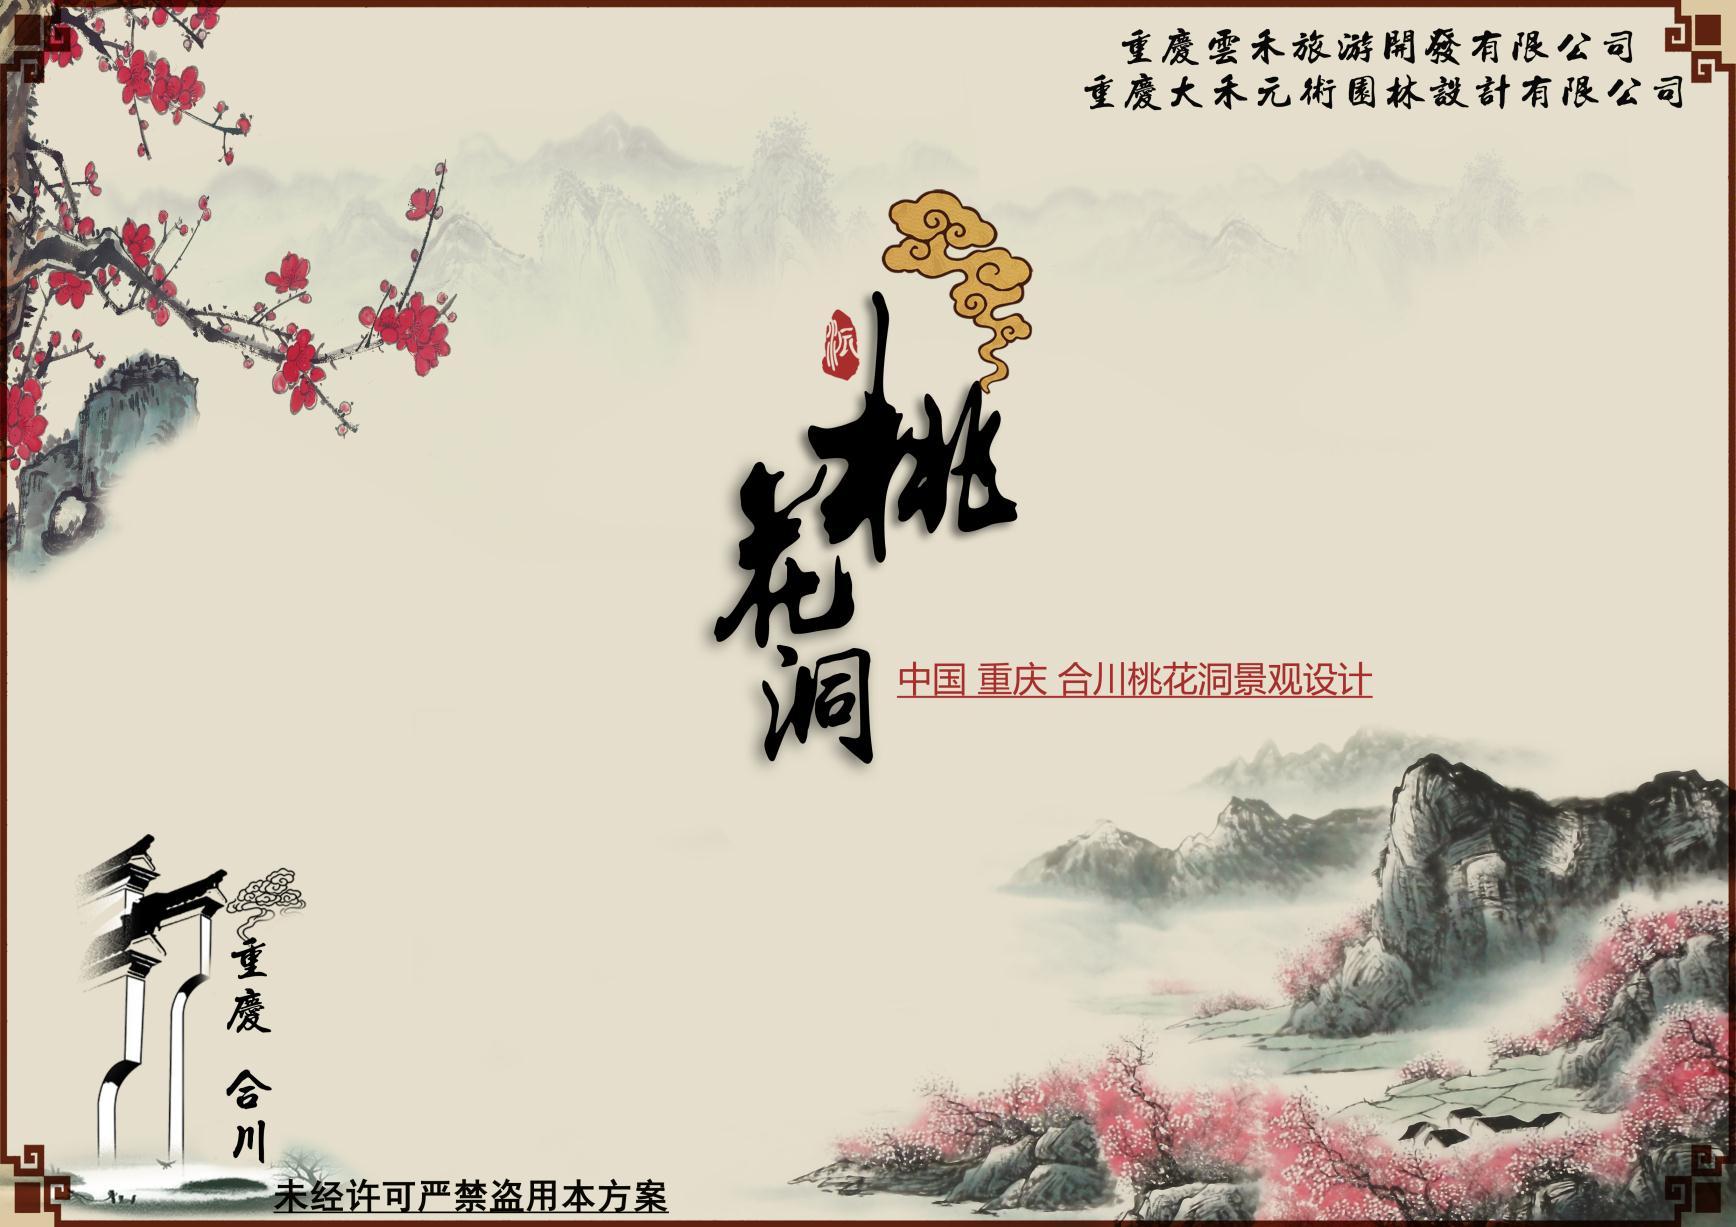 4A景区重庆桃花洞